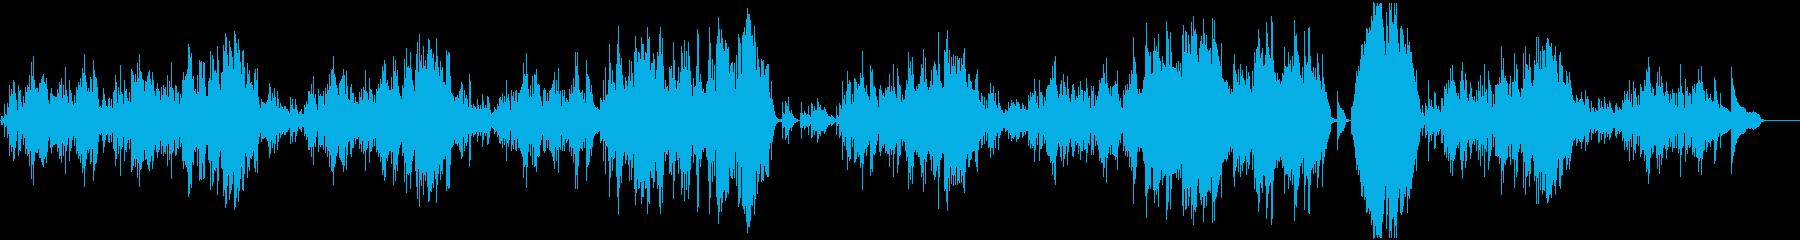 ベートーベン「エリーゼのために」高音質!の再生済みの波形